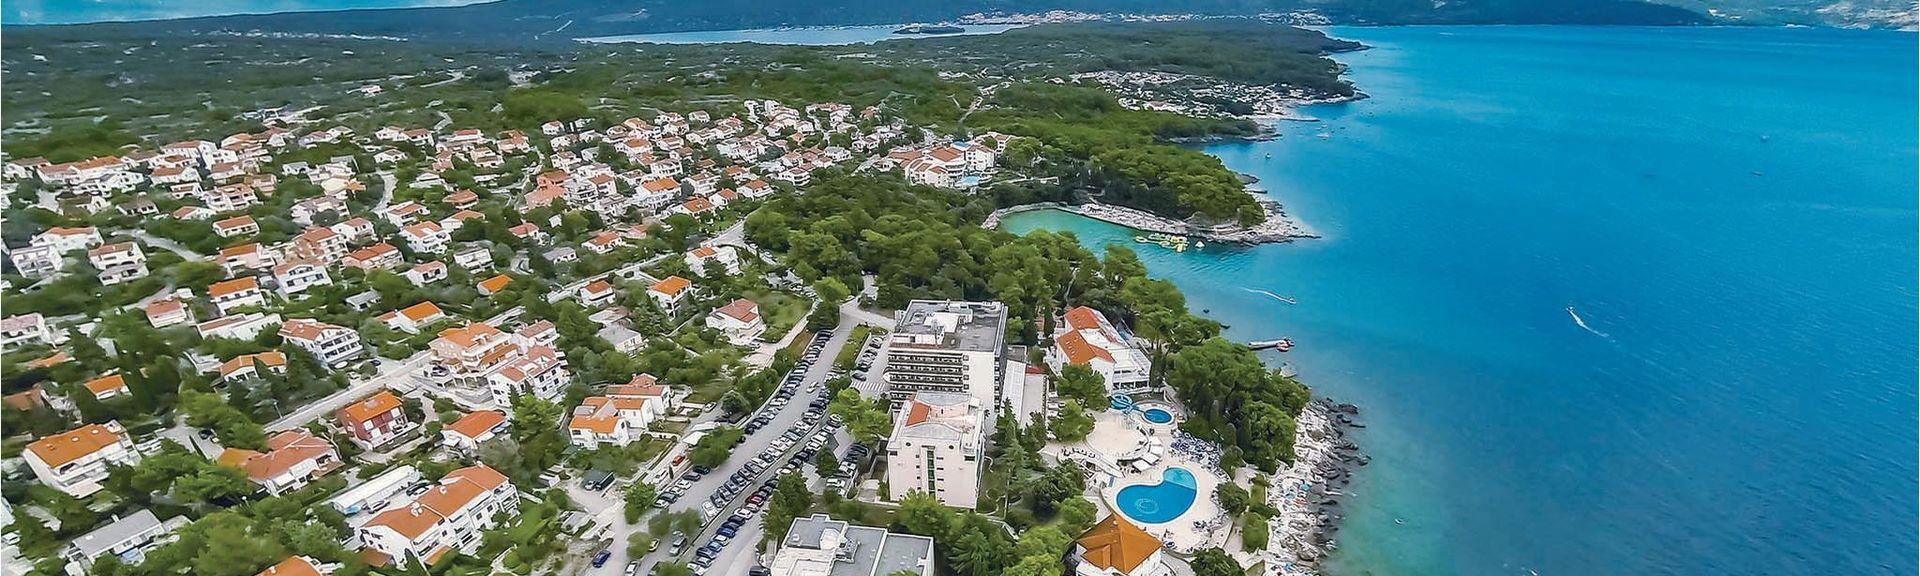 Njivice, Regione litoraneo-montana, Croazia